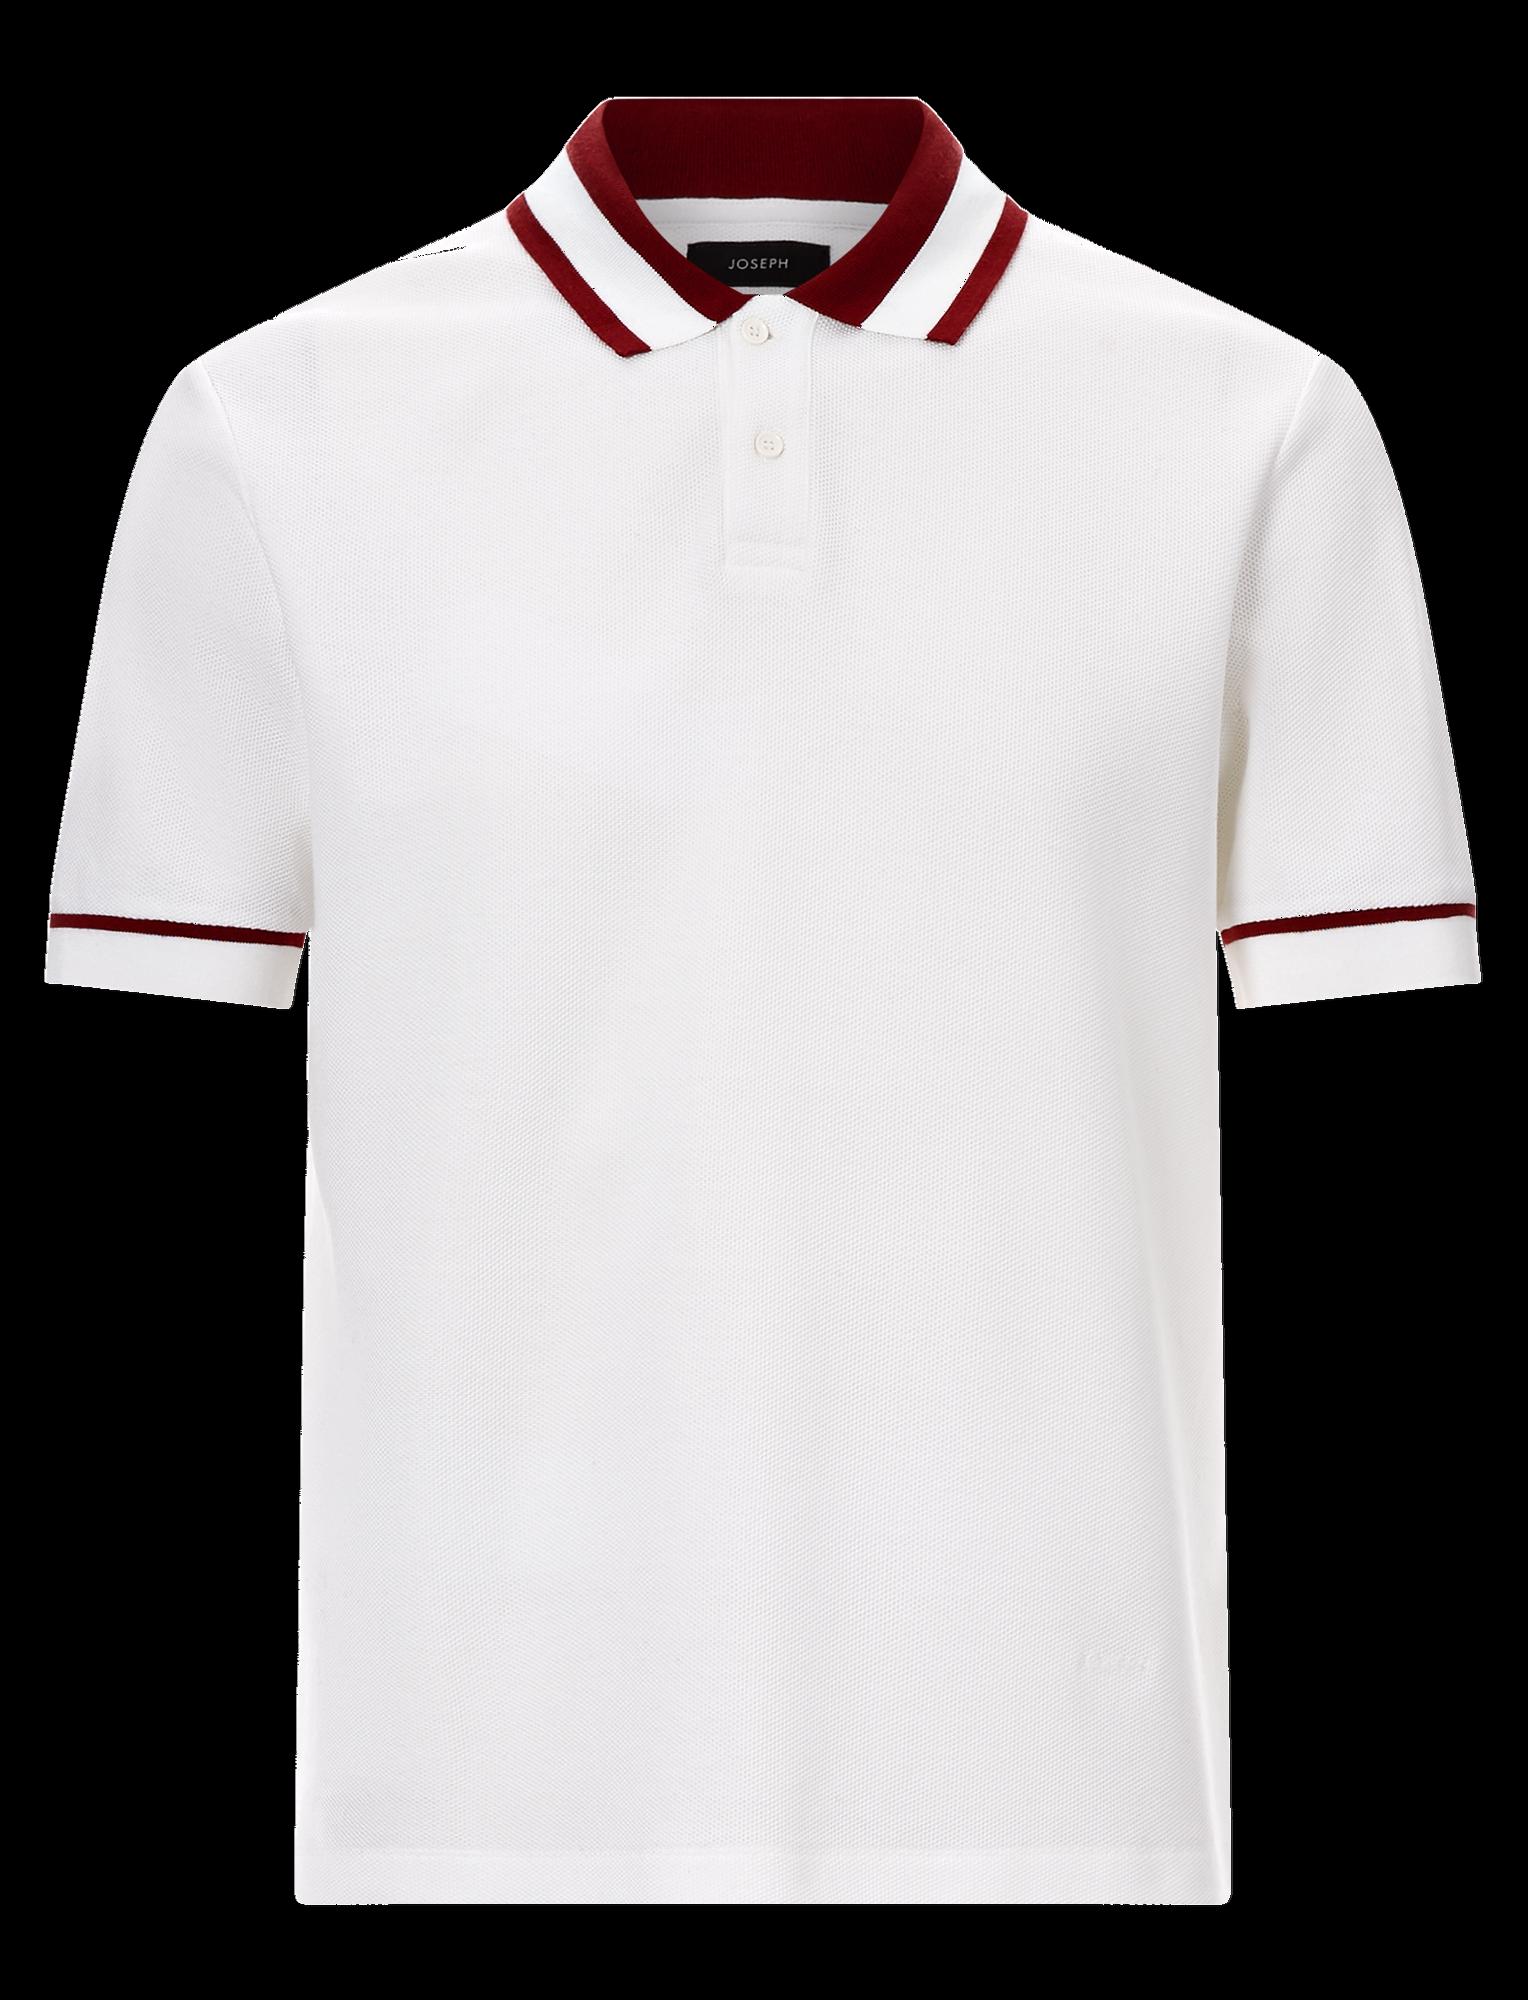 Joseph, Polo Piqué Jersey tee, in WHITE